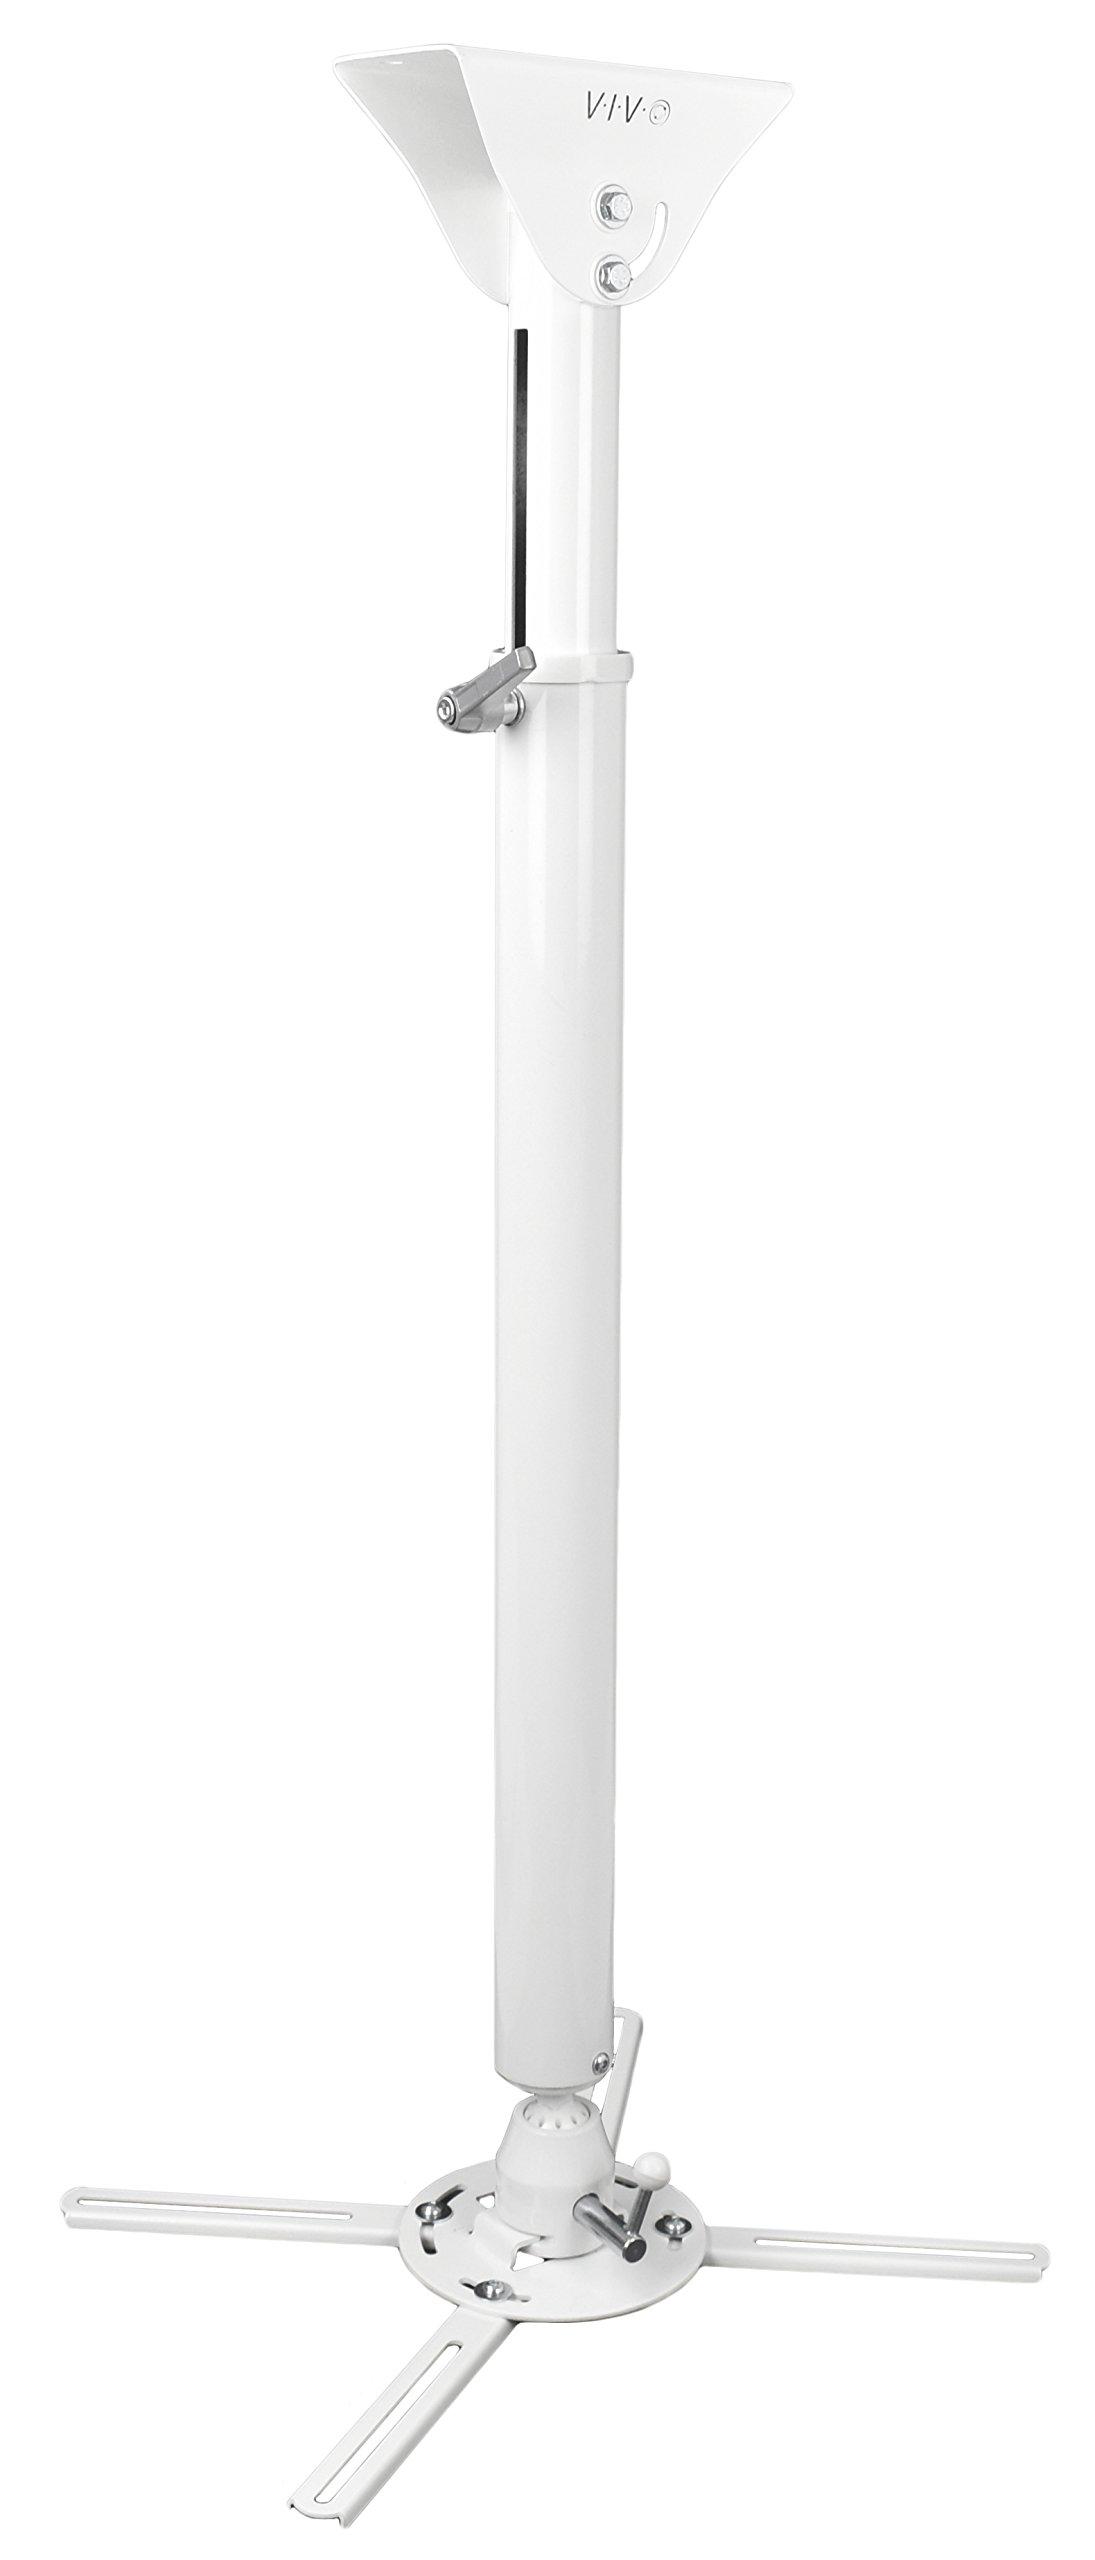 VIVO Universal Articulating Tilt Swivel Premium Heavy Duty Ball Joint Ceiling Extending Projector Mount Full Motion White (MOUNT-VP05W)